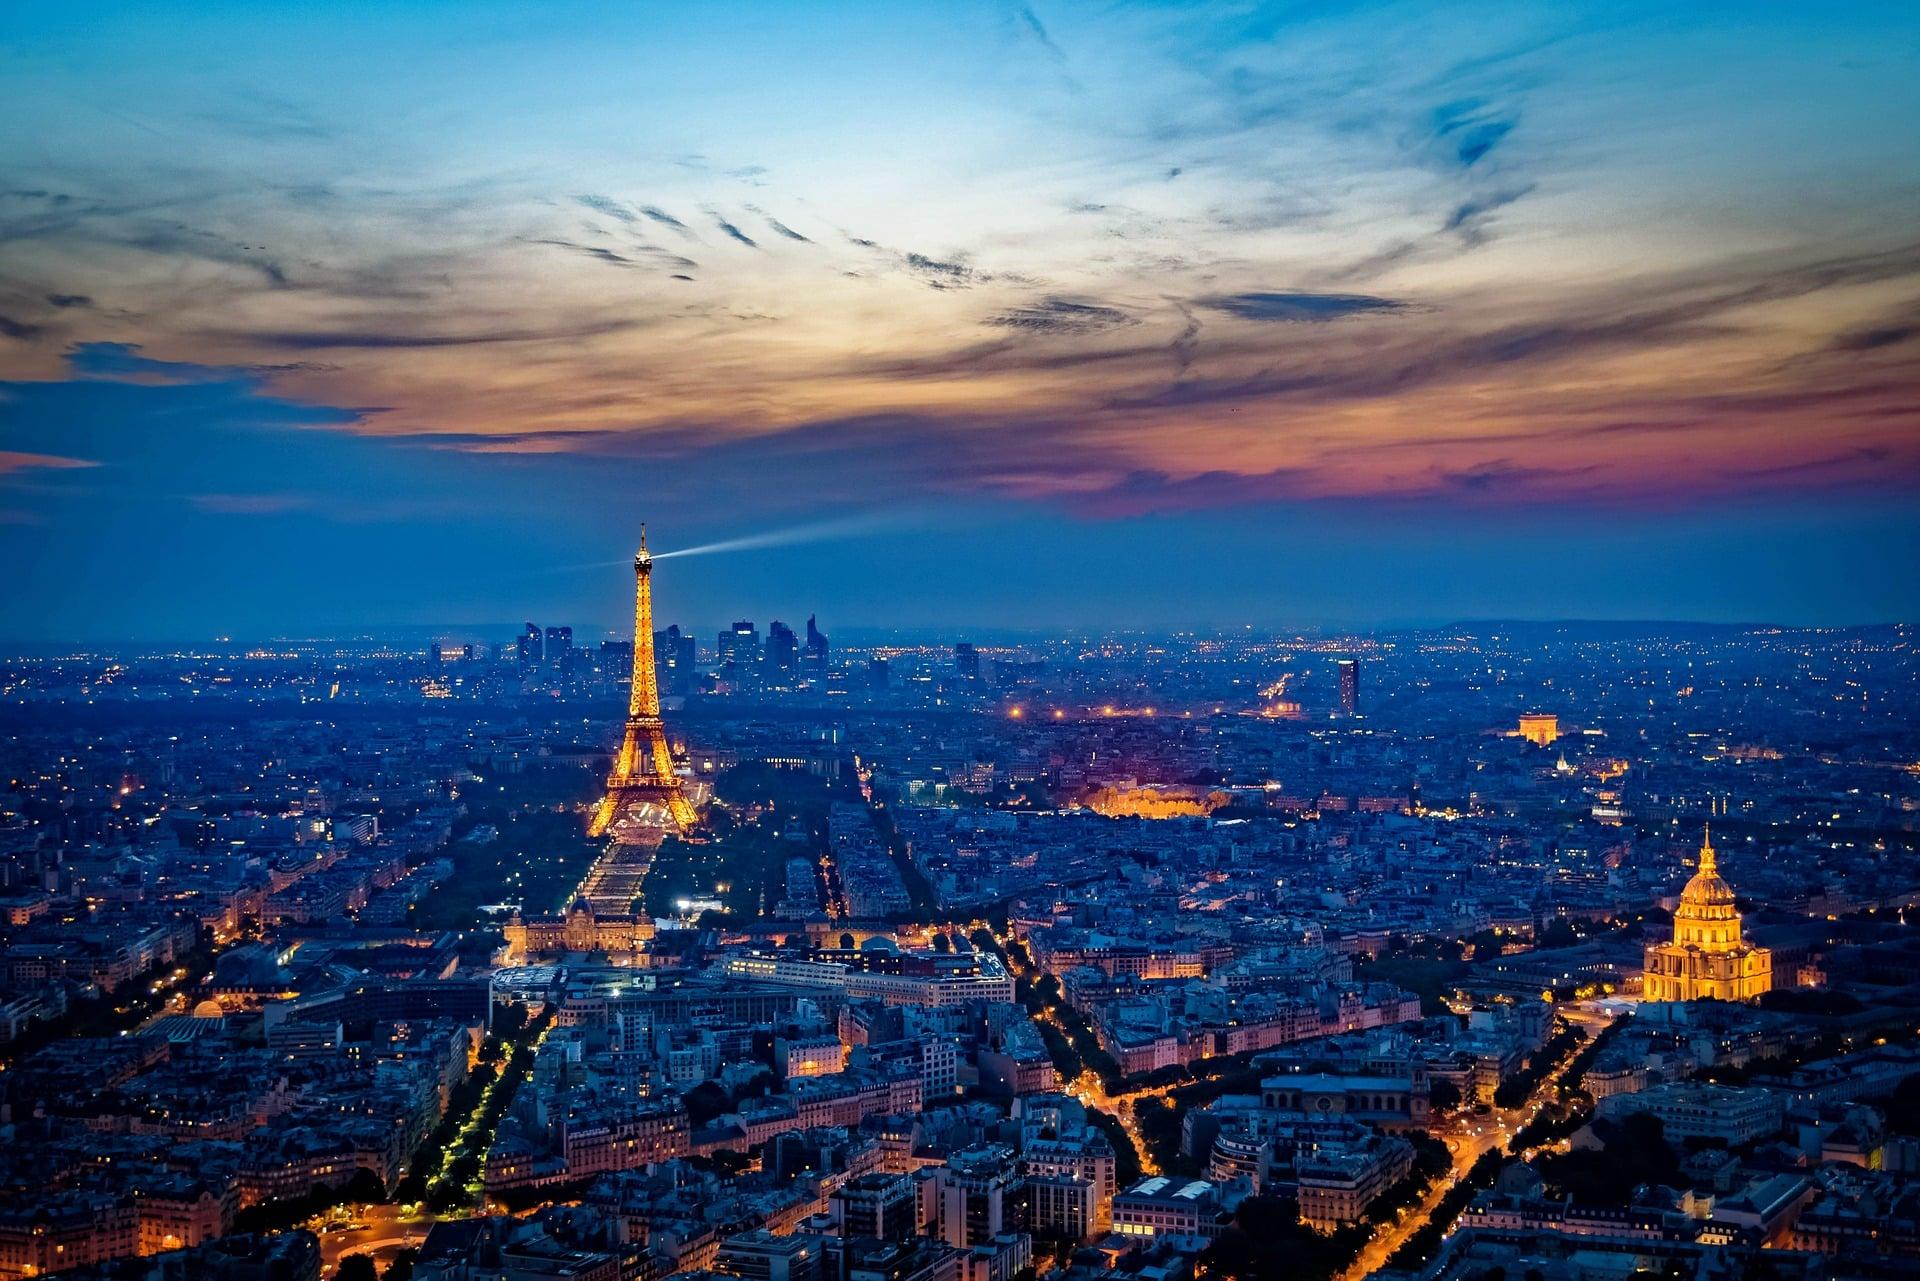 Parigi Cosa Vedere - Panorama Parigi - Parigi di Notte - Tour Eiffel - Paris by Night